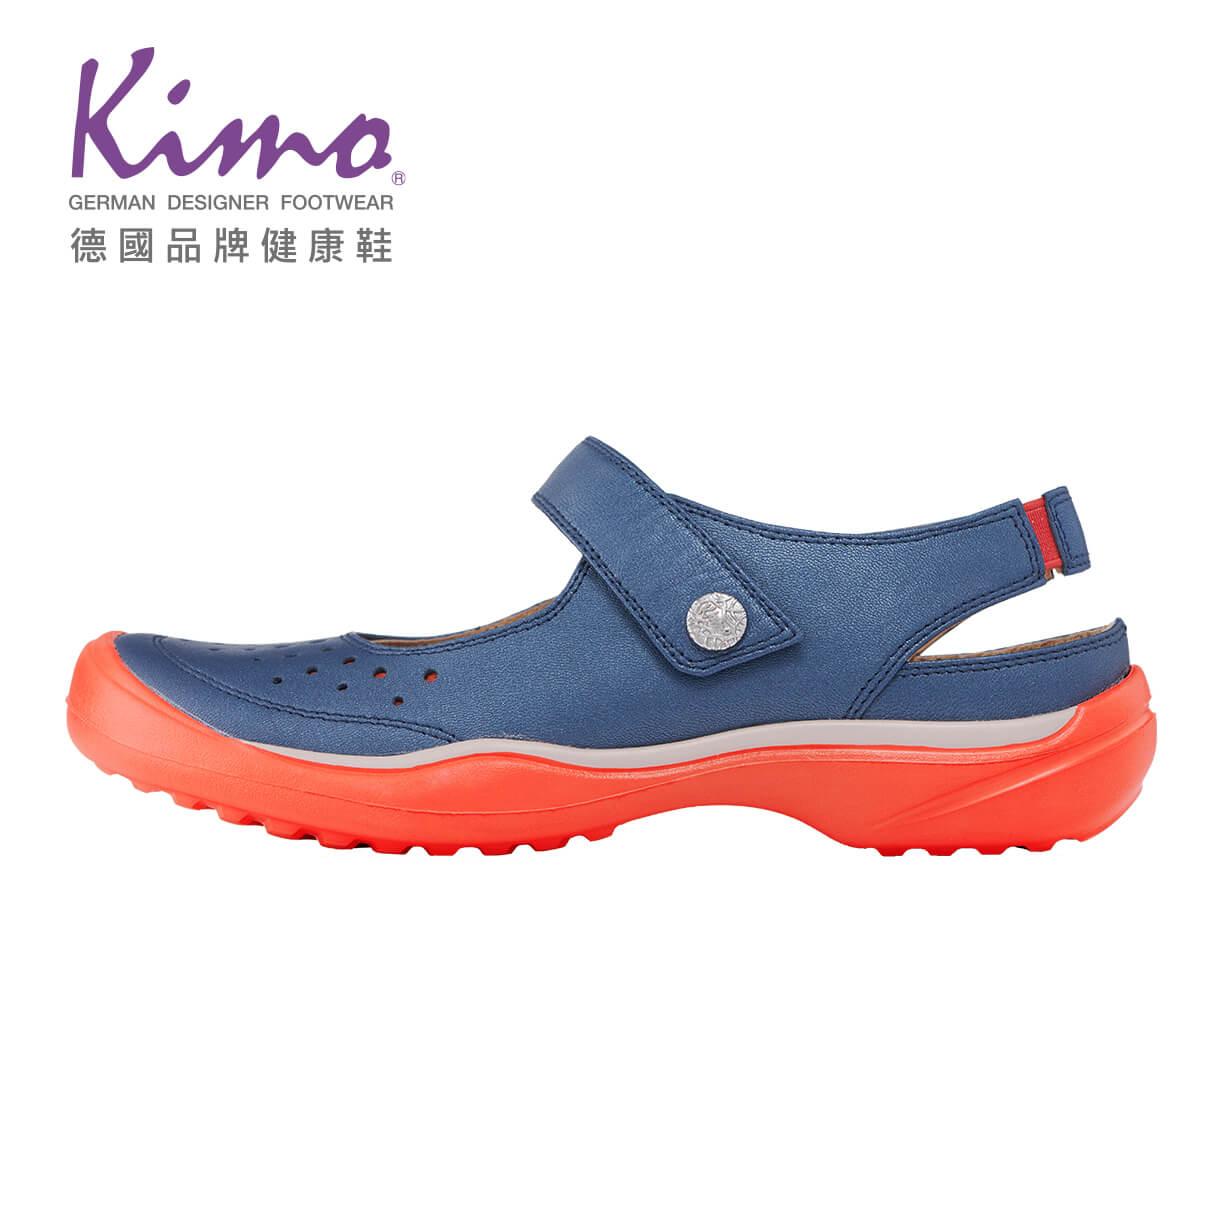 【新年首降66折】Kimo魔鬼沾繫帶簍空平底休閒娃娃鞋 女鞋(藍KBJSF073286)